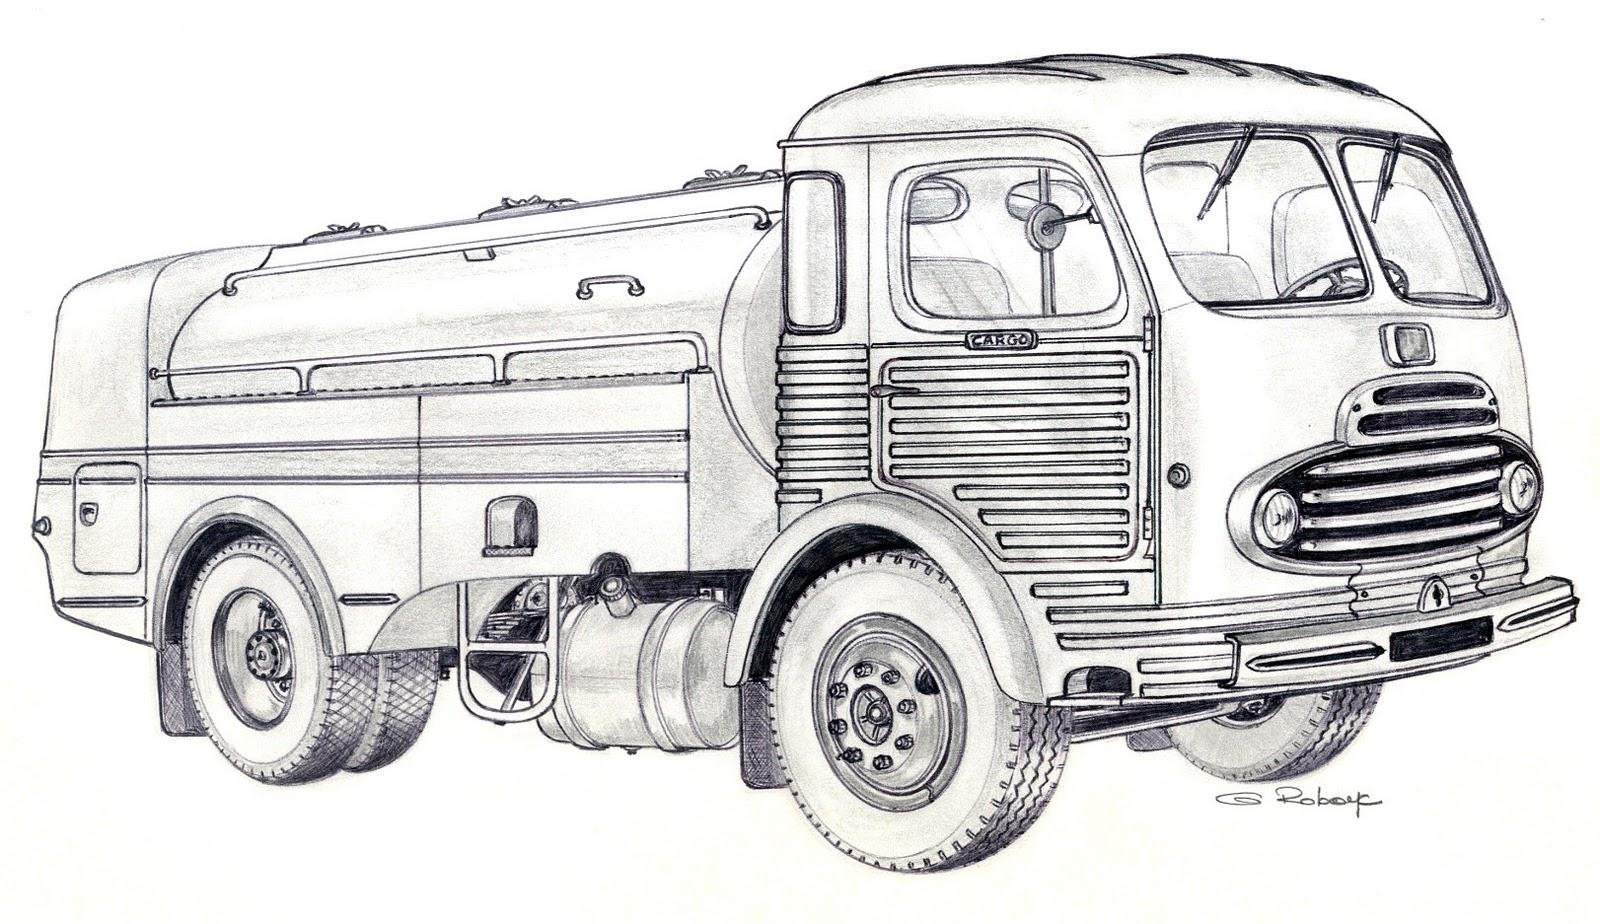 i u0026 39 m liking trucks  oct 5  2011